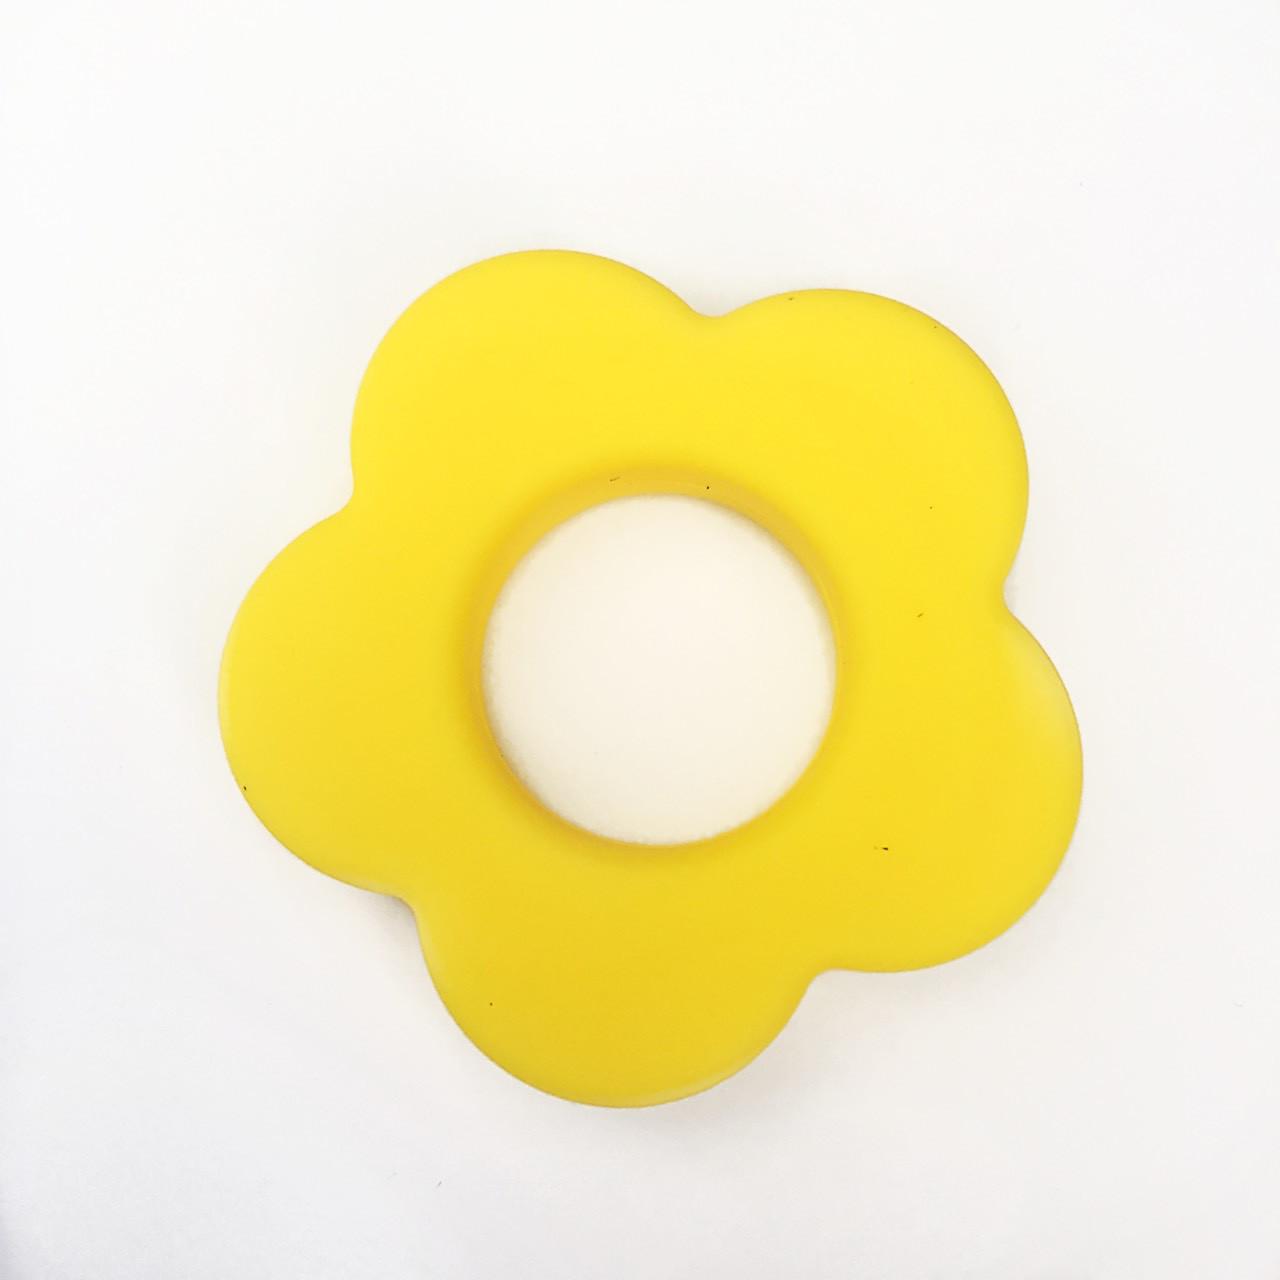 Колечко - Цветок (силиконовое) - Желтый - EASY HOBBY. Силиконовые бусины и фурнитура в Одессе